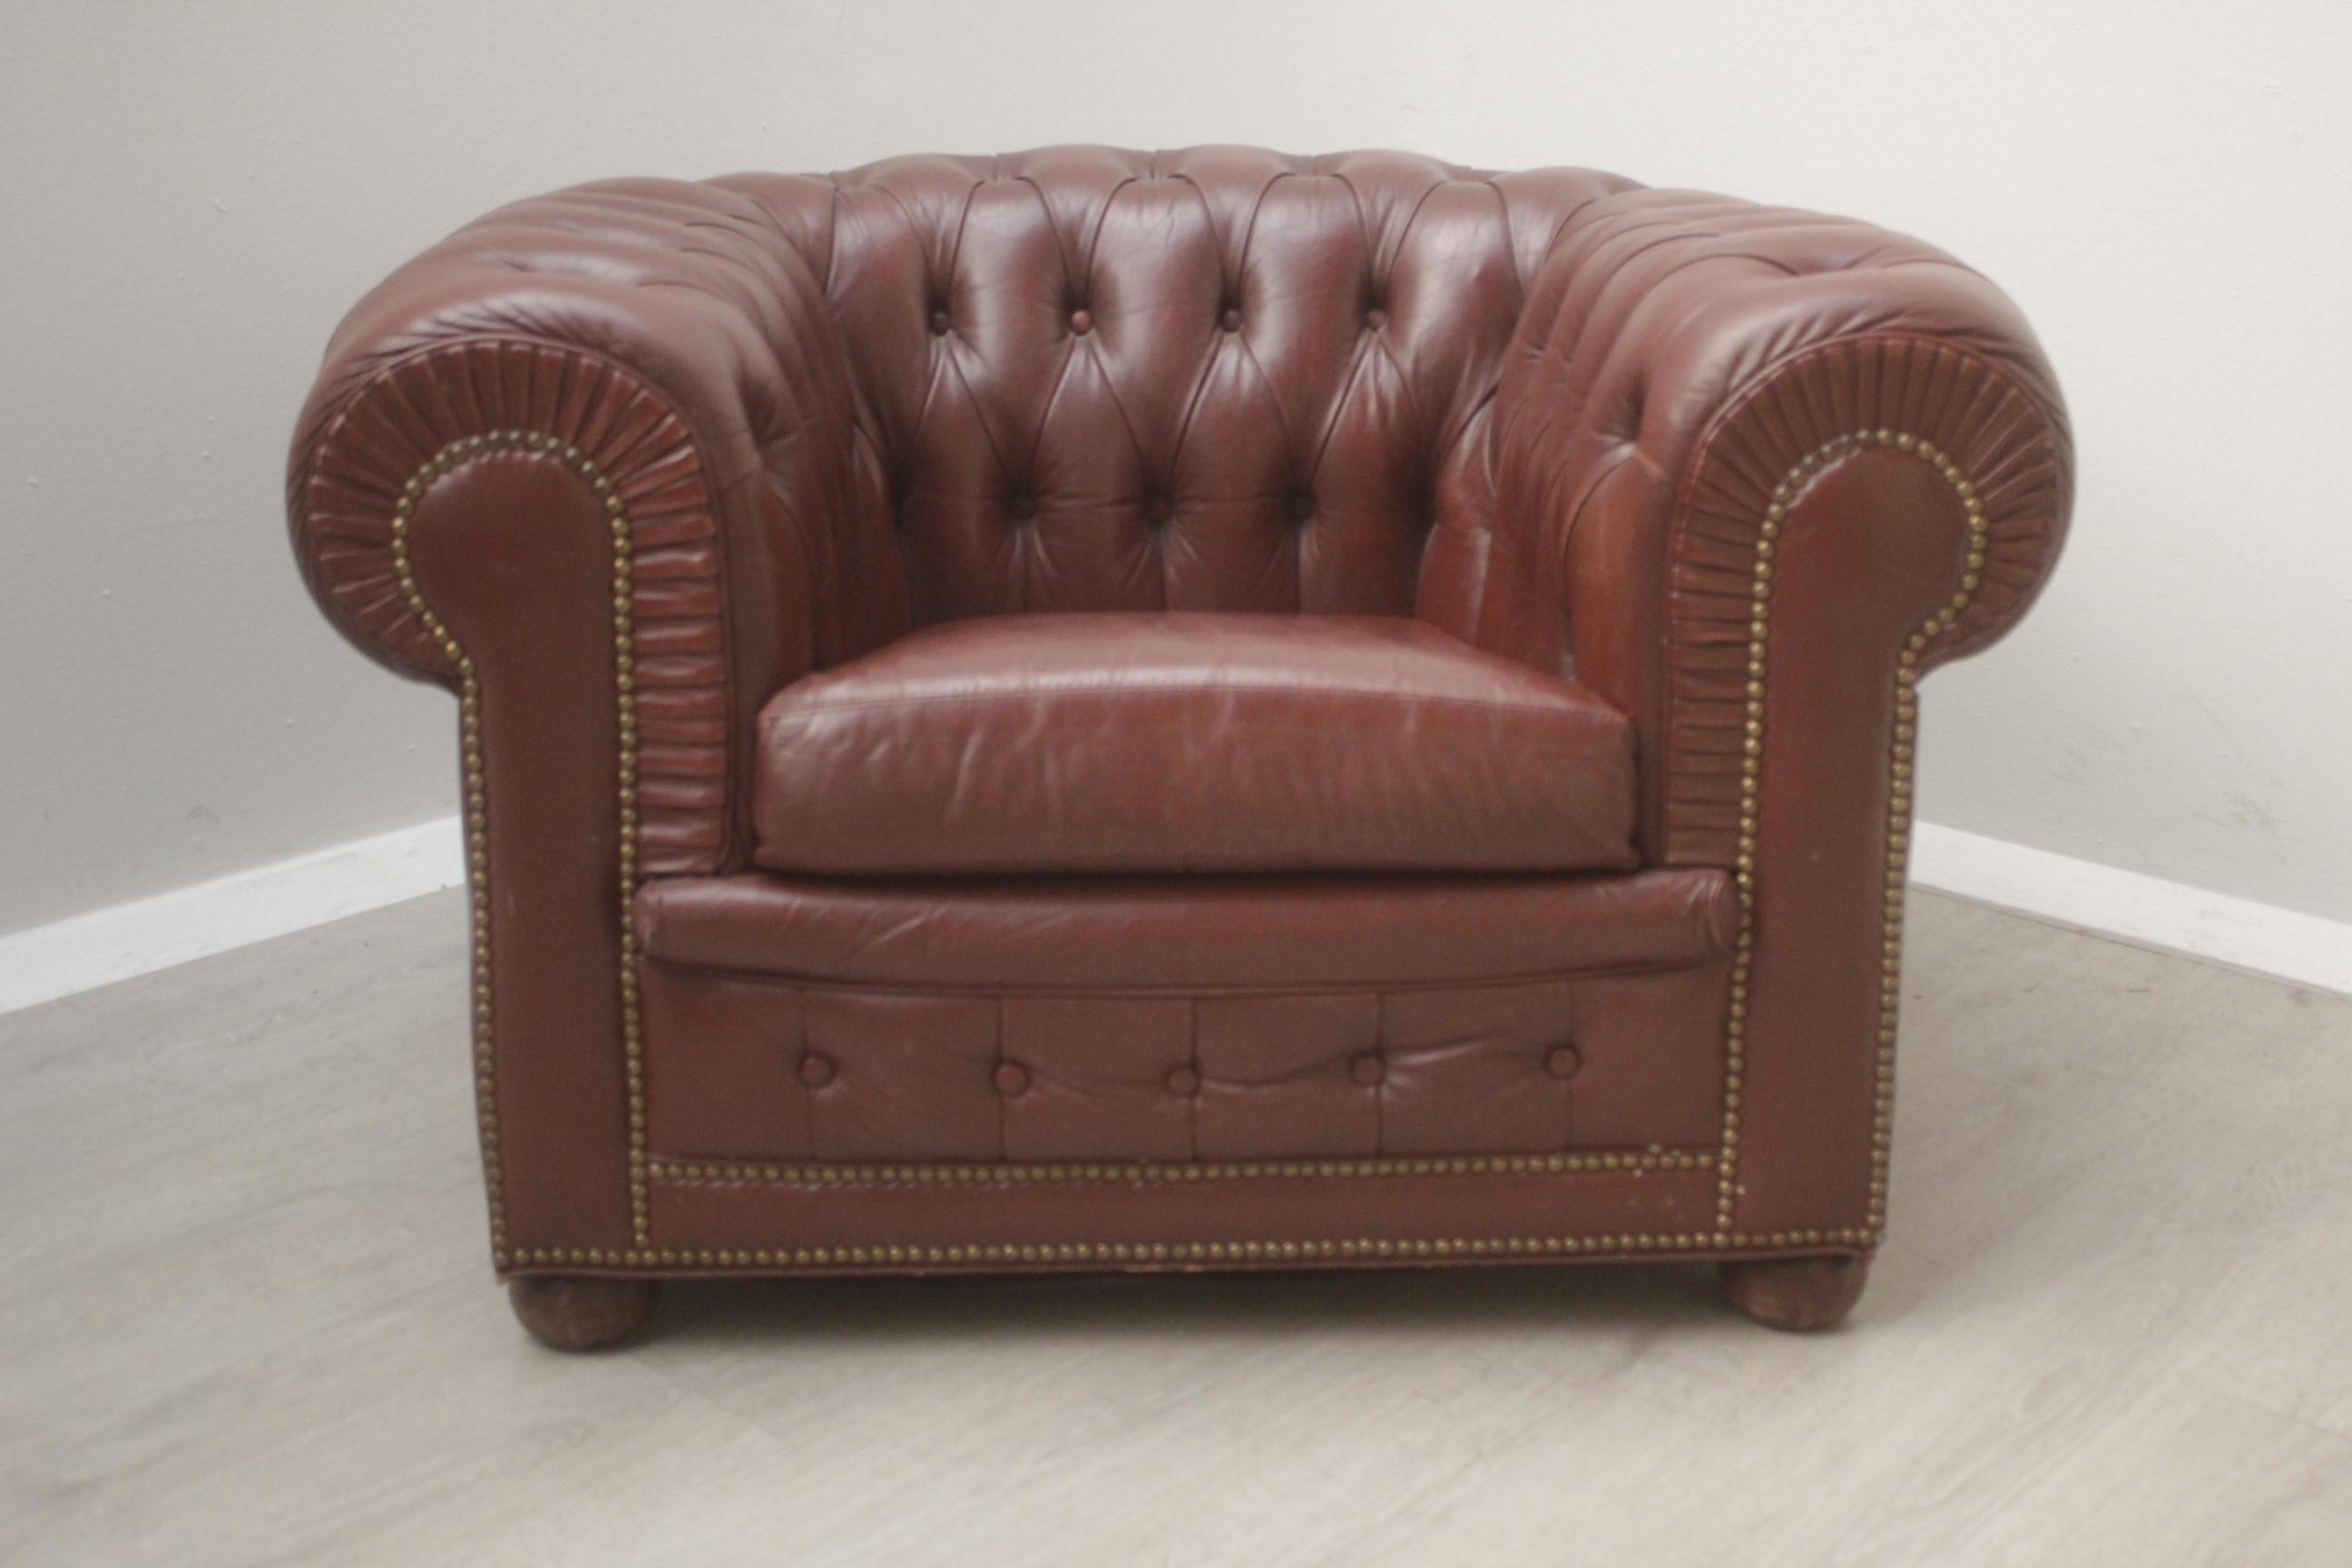 Pourquoi vous devriez acheter vos meubles d occasion catawiki - Ou trouver des meubles d occasion ...